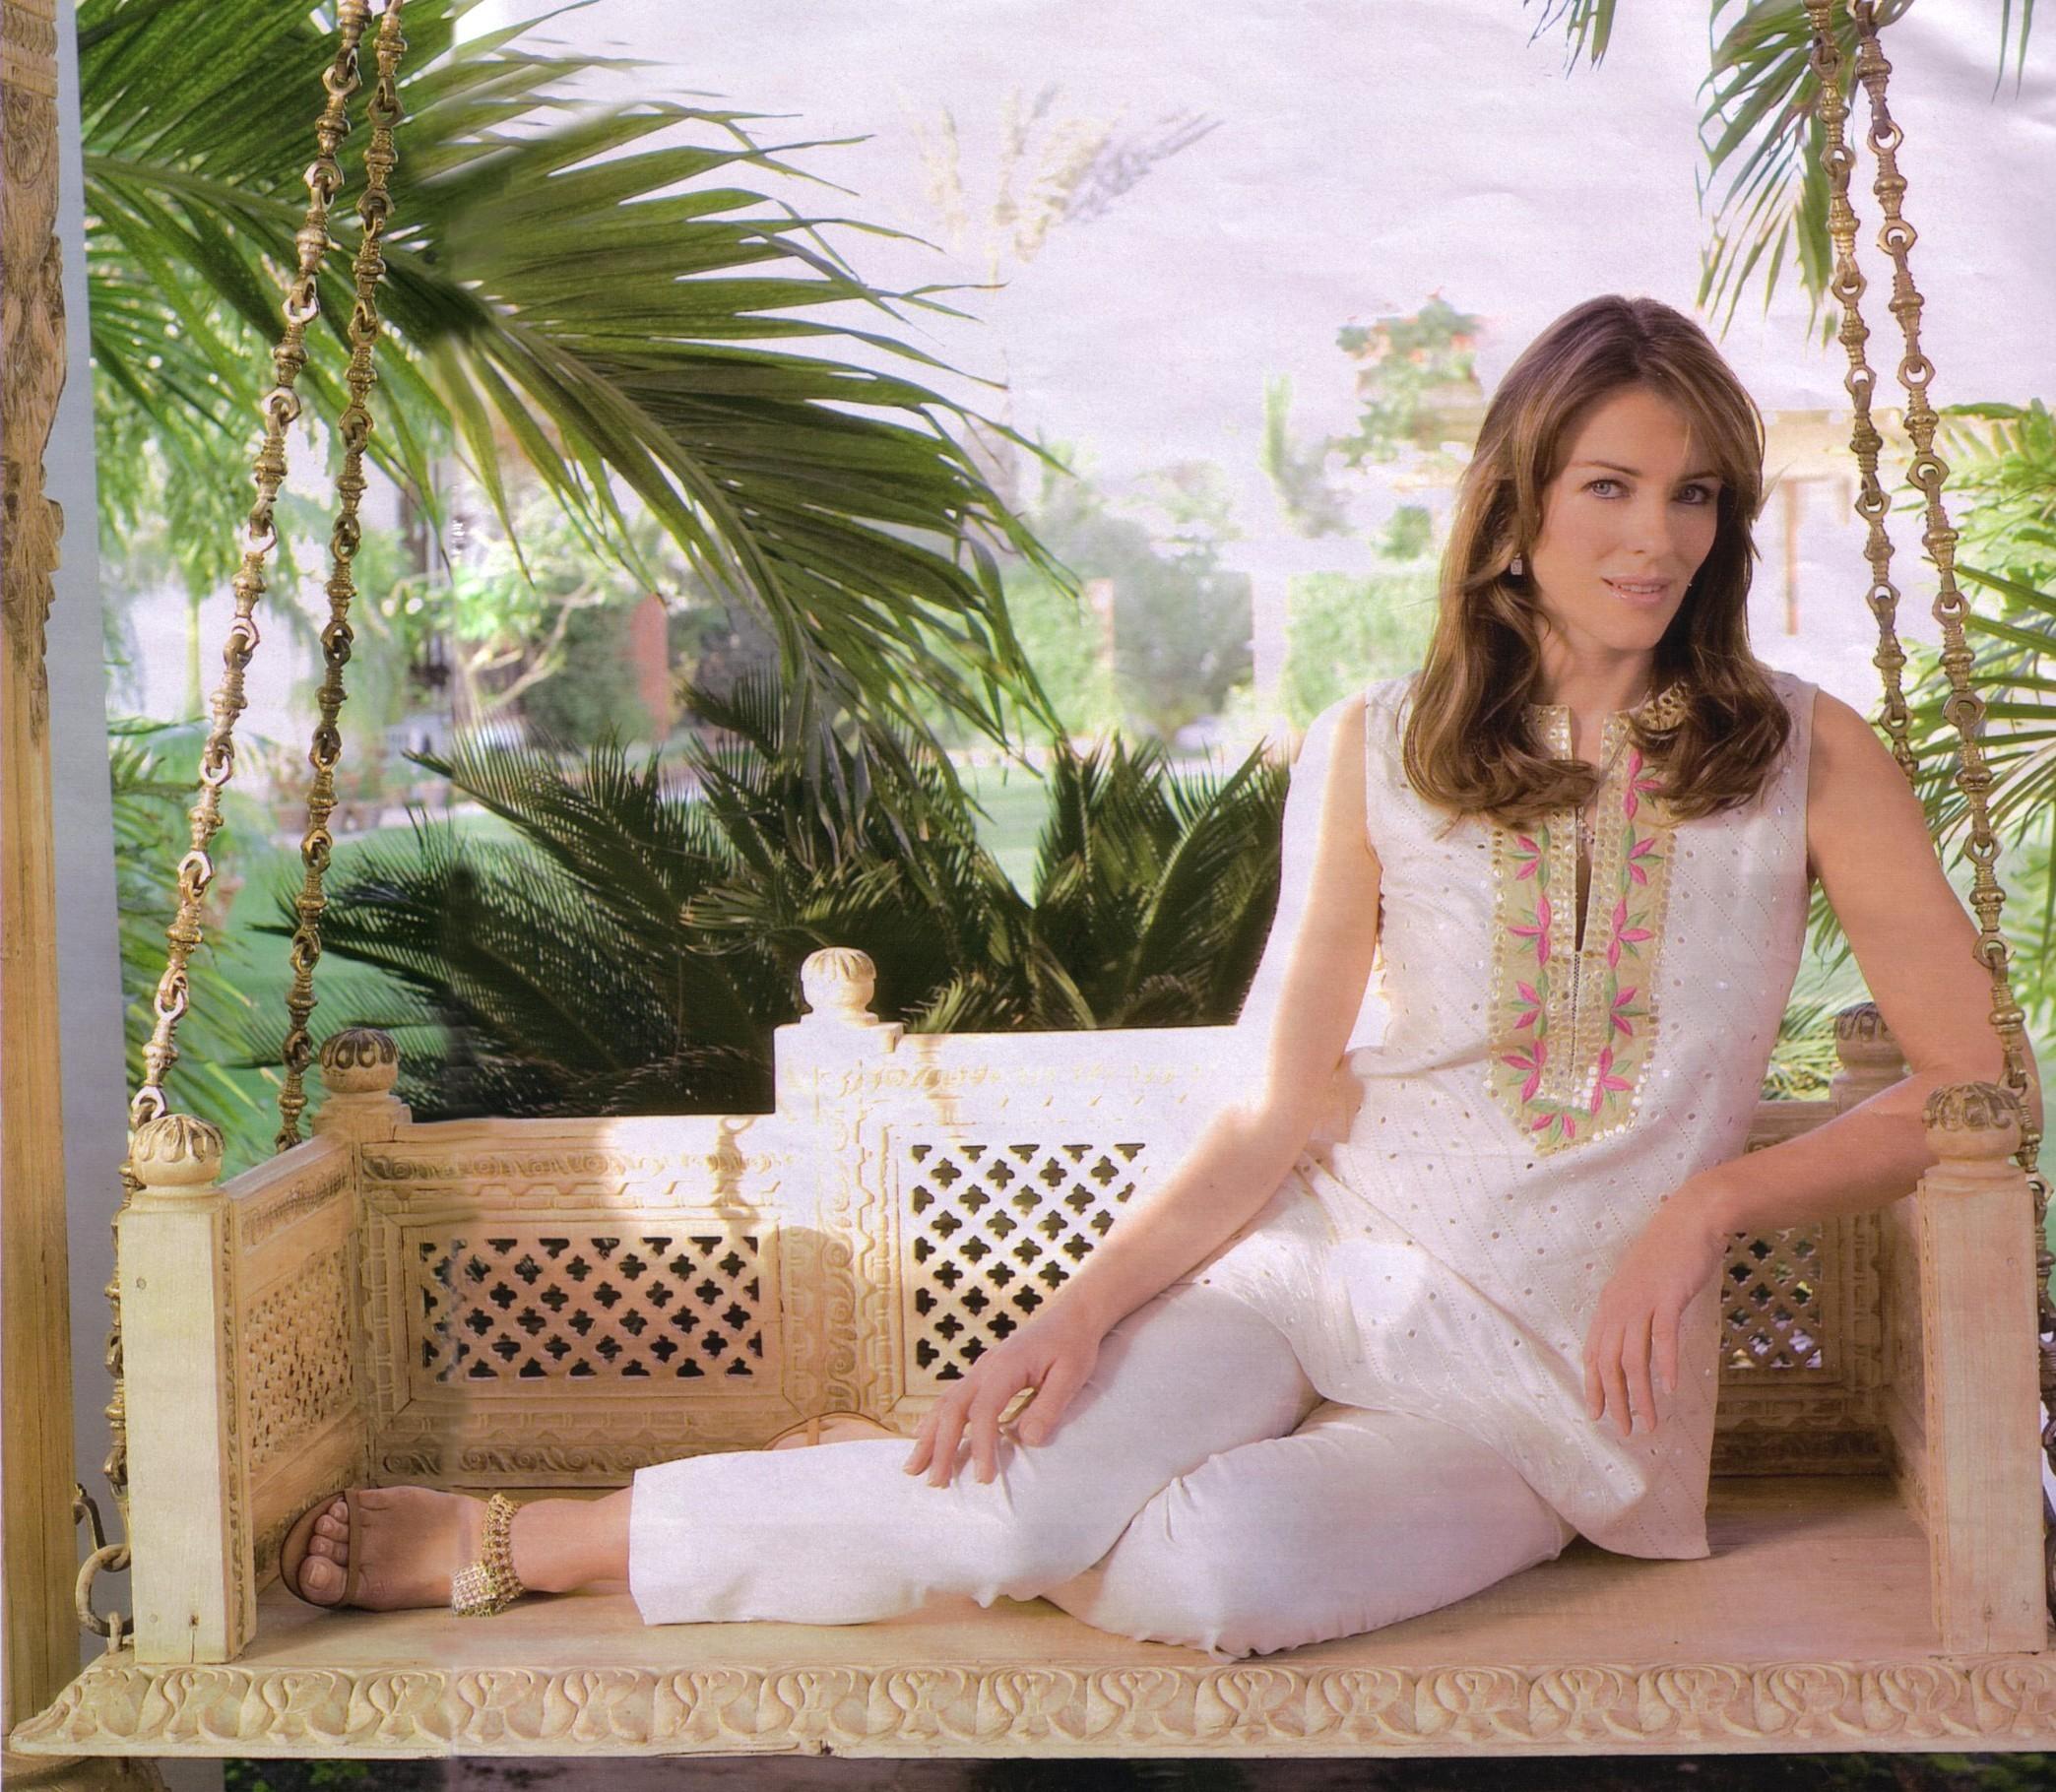 http://images1.fanpop.com/images/photos/1500000/Elizabeth-elizabeth-hurley-1549781-2088-1820.jpg